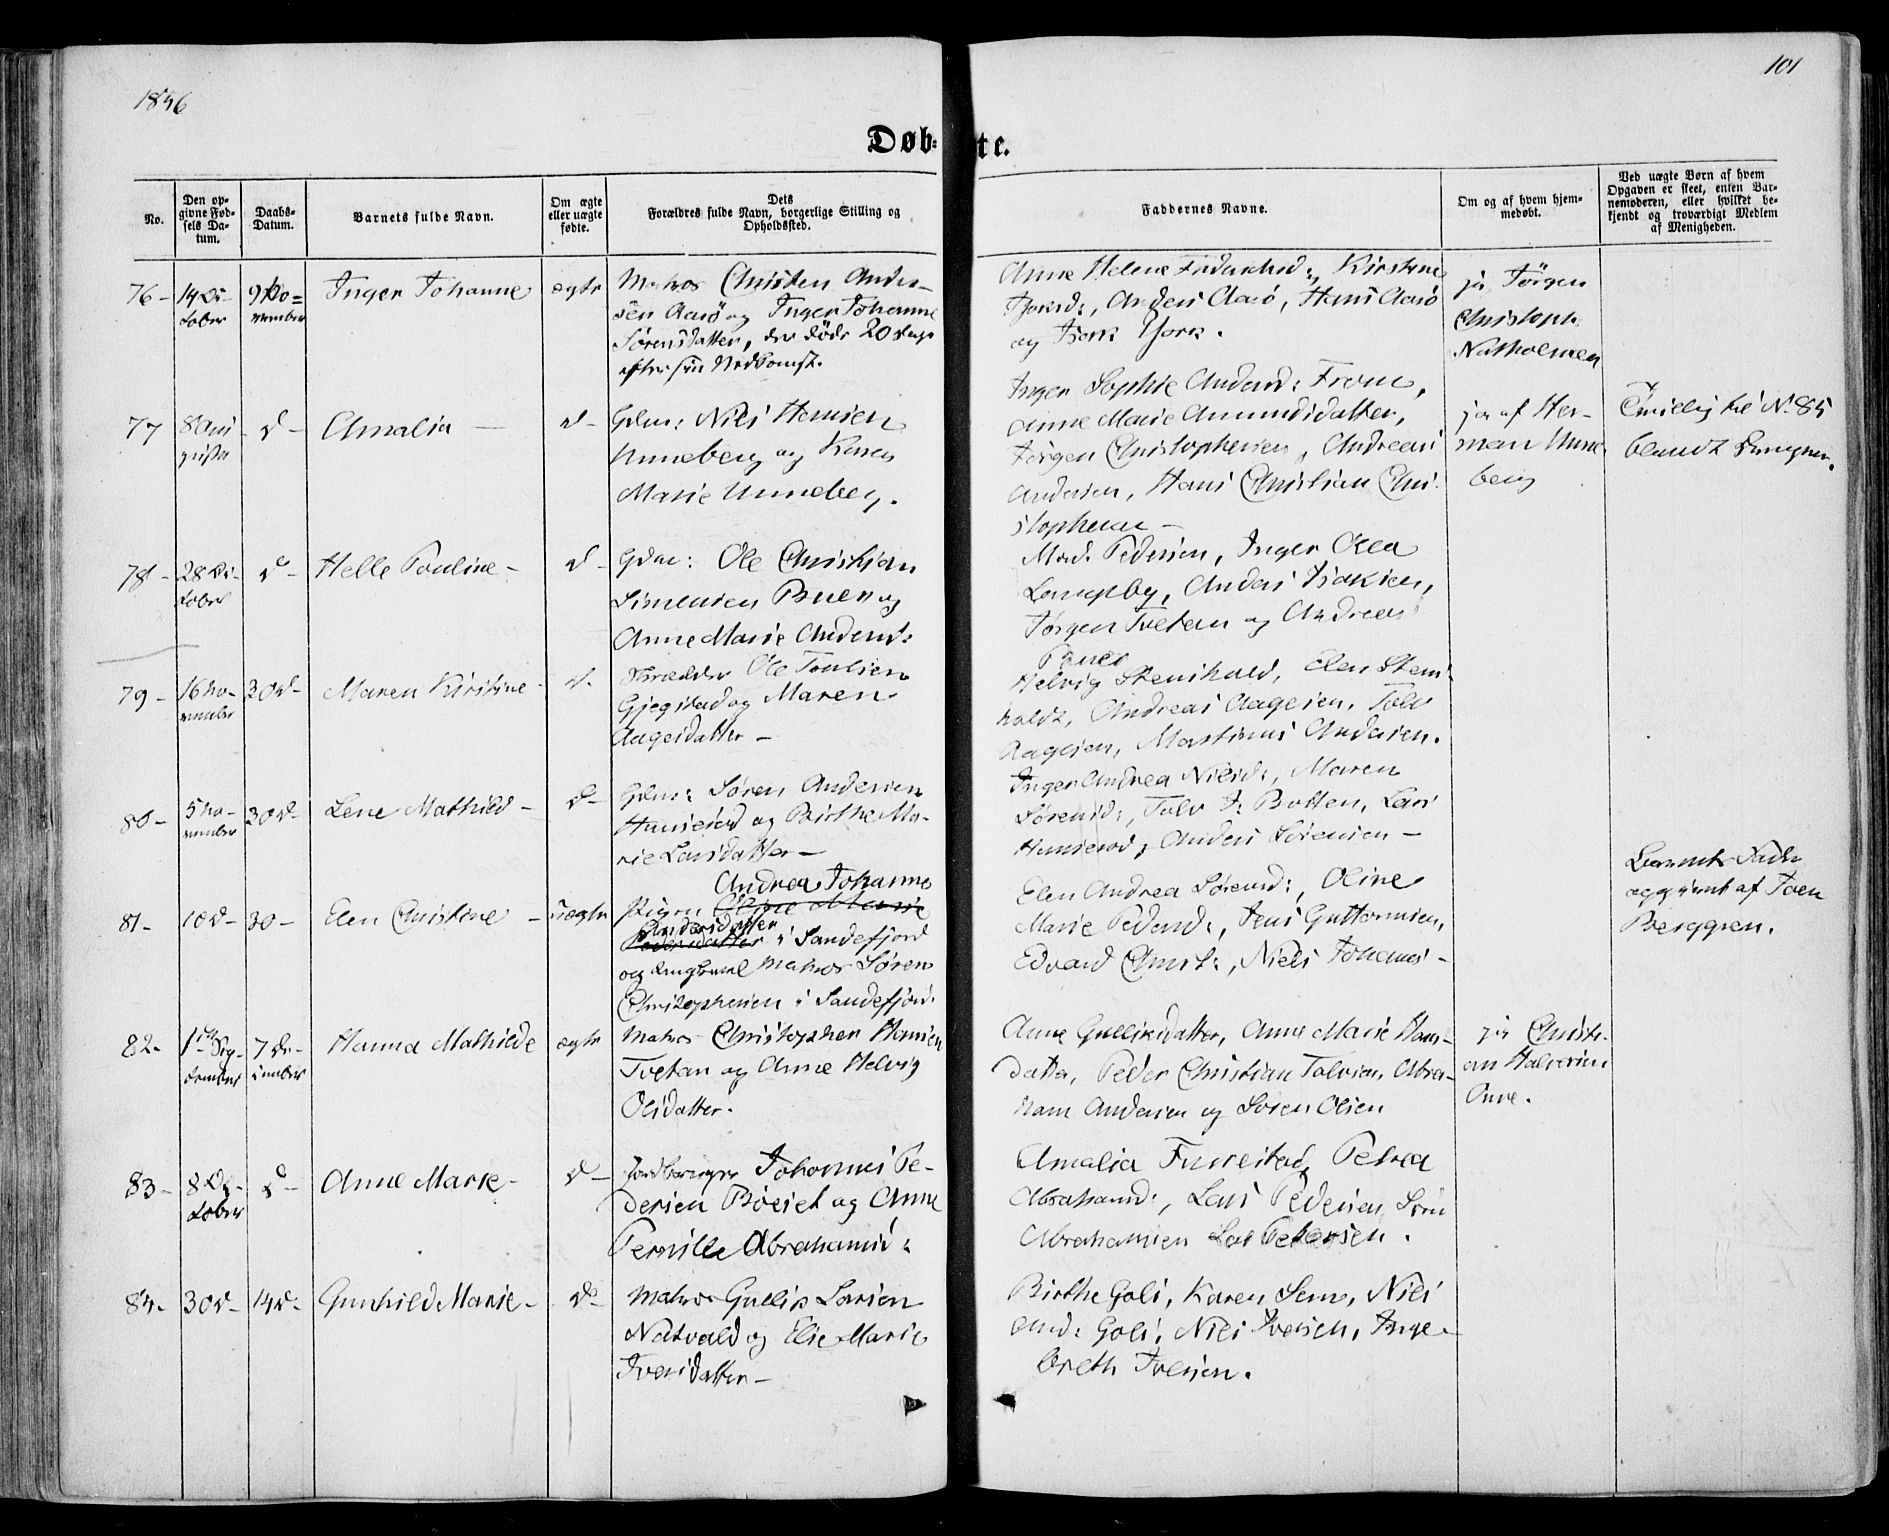 SAKO, Sandar kirkebøker, F/Fa/L0007: Ministerialbok nr. 7, 1855-1861, s. 101